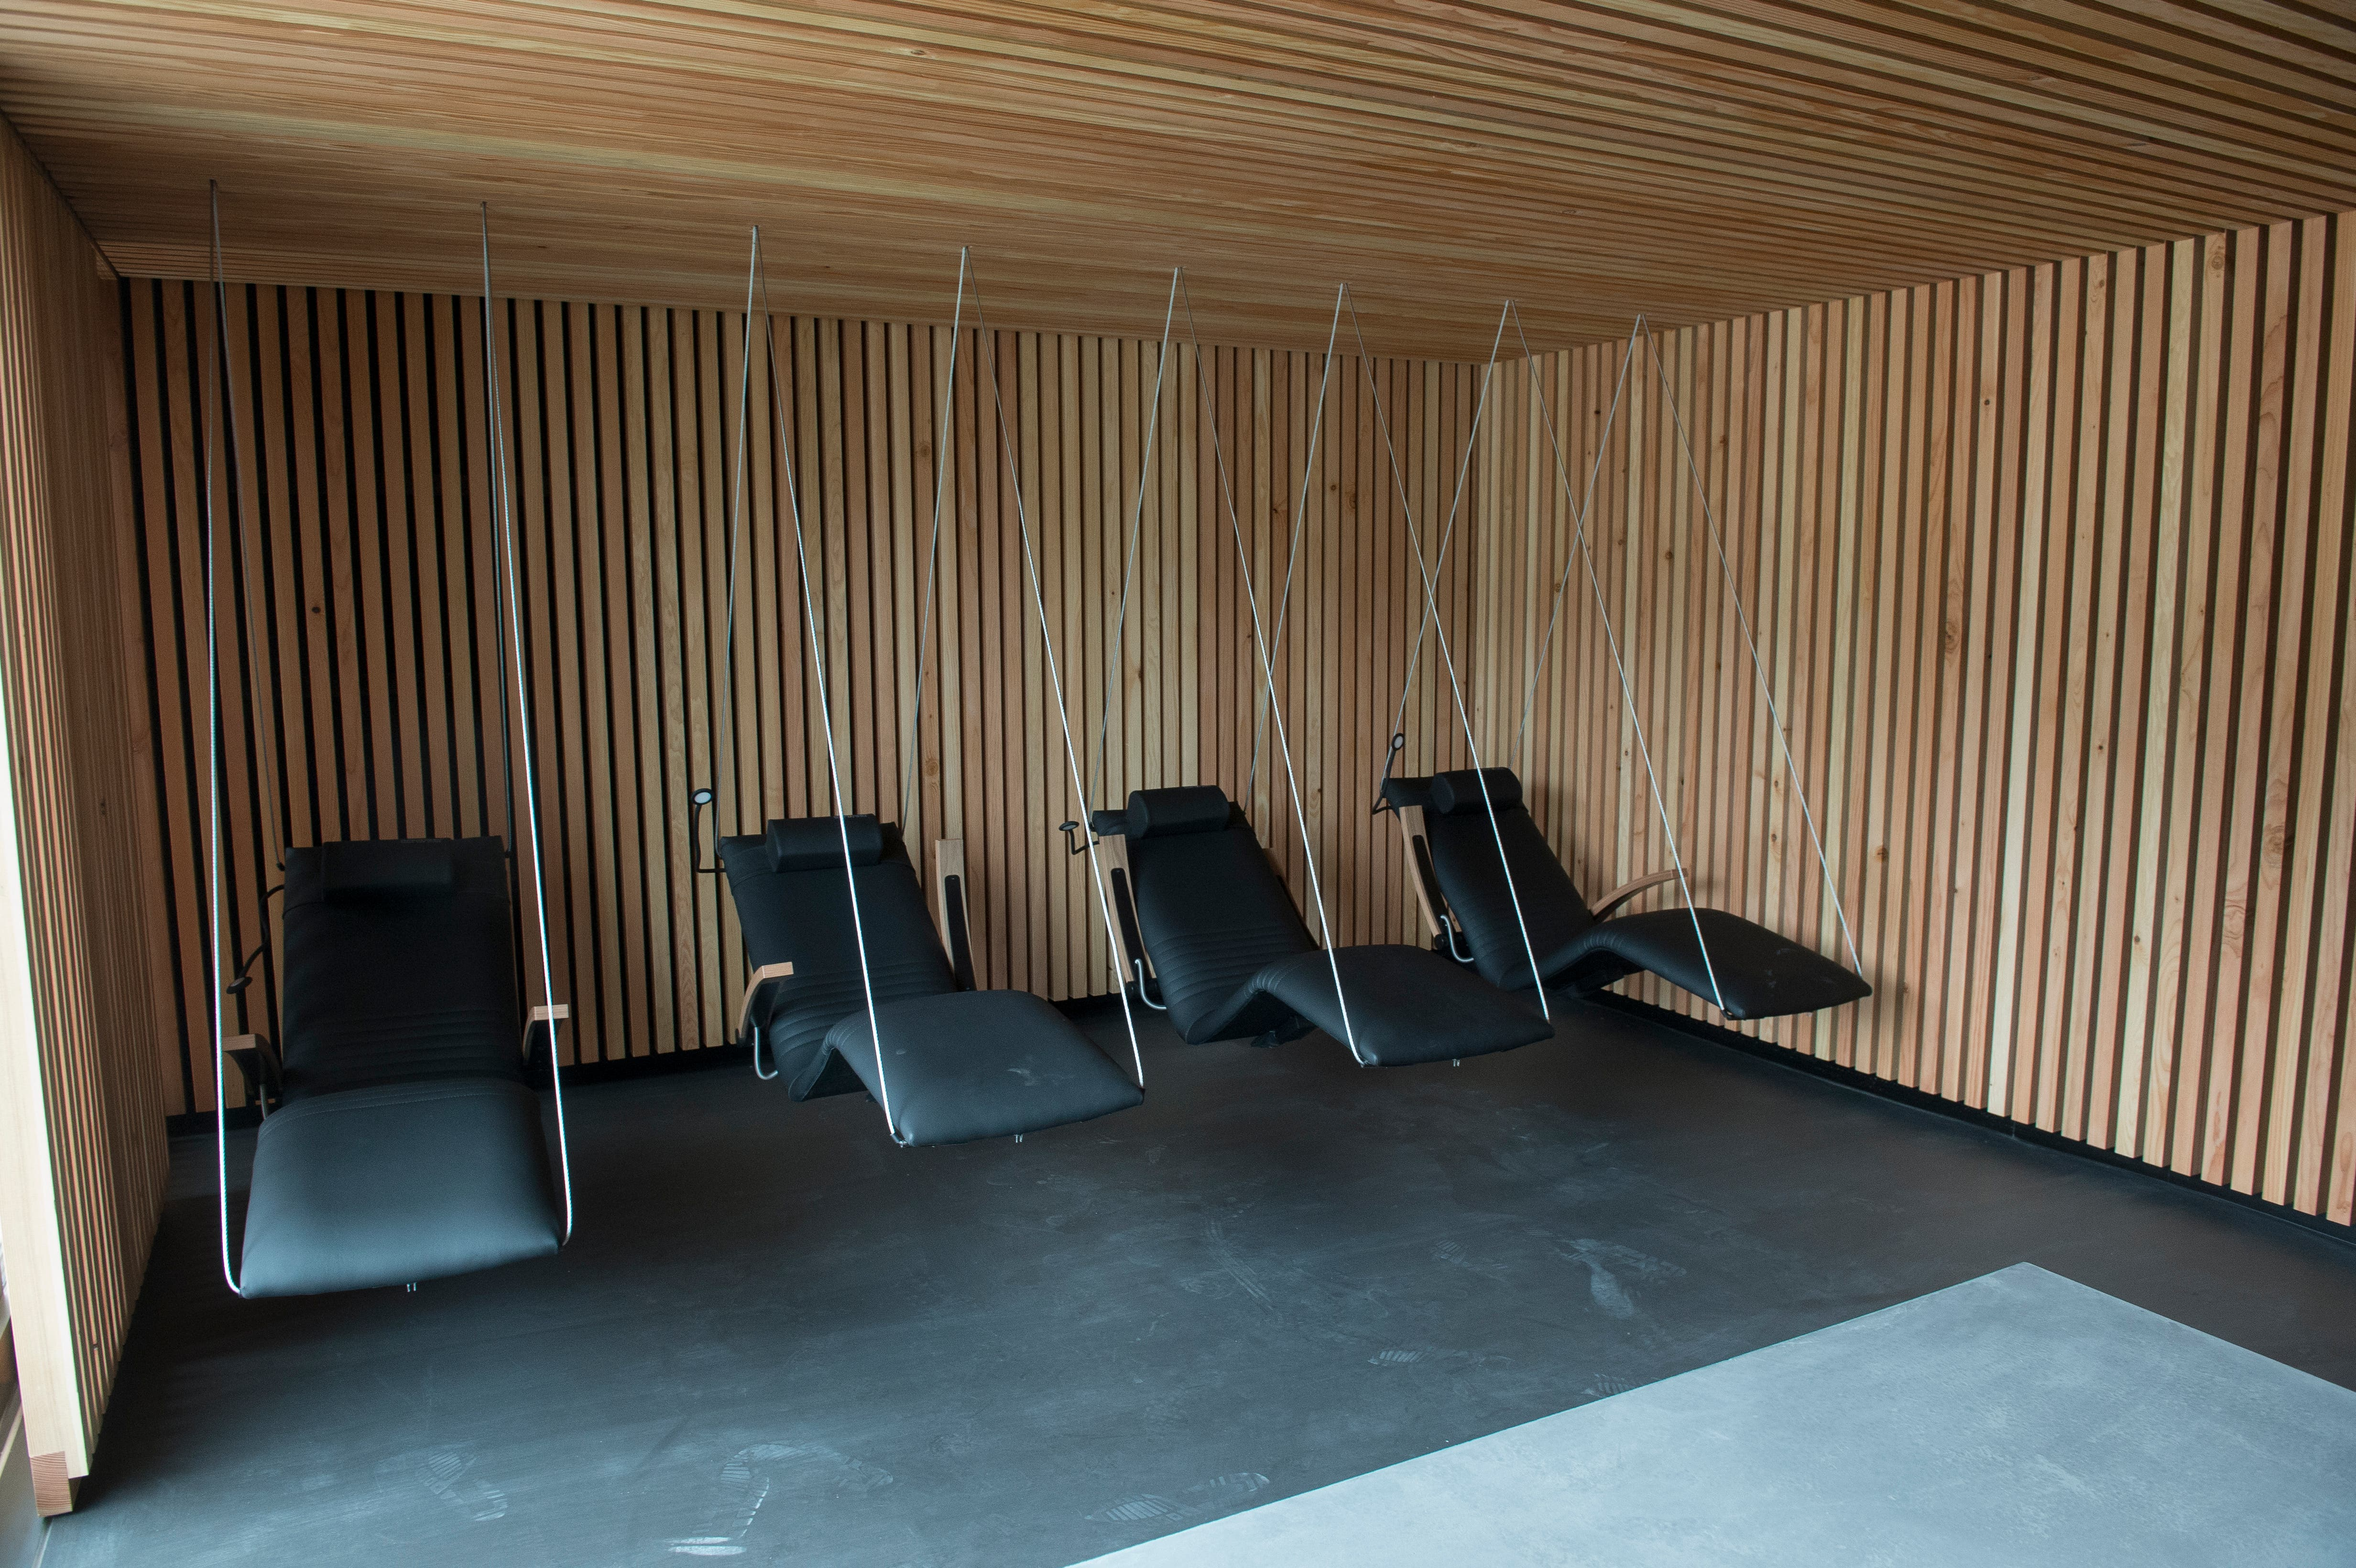 Ein Ort der Entspannung. (Bild: Dominik Wunderli, Oberkirch, 15. April 2019)